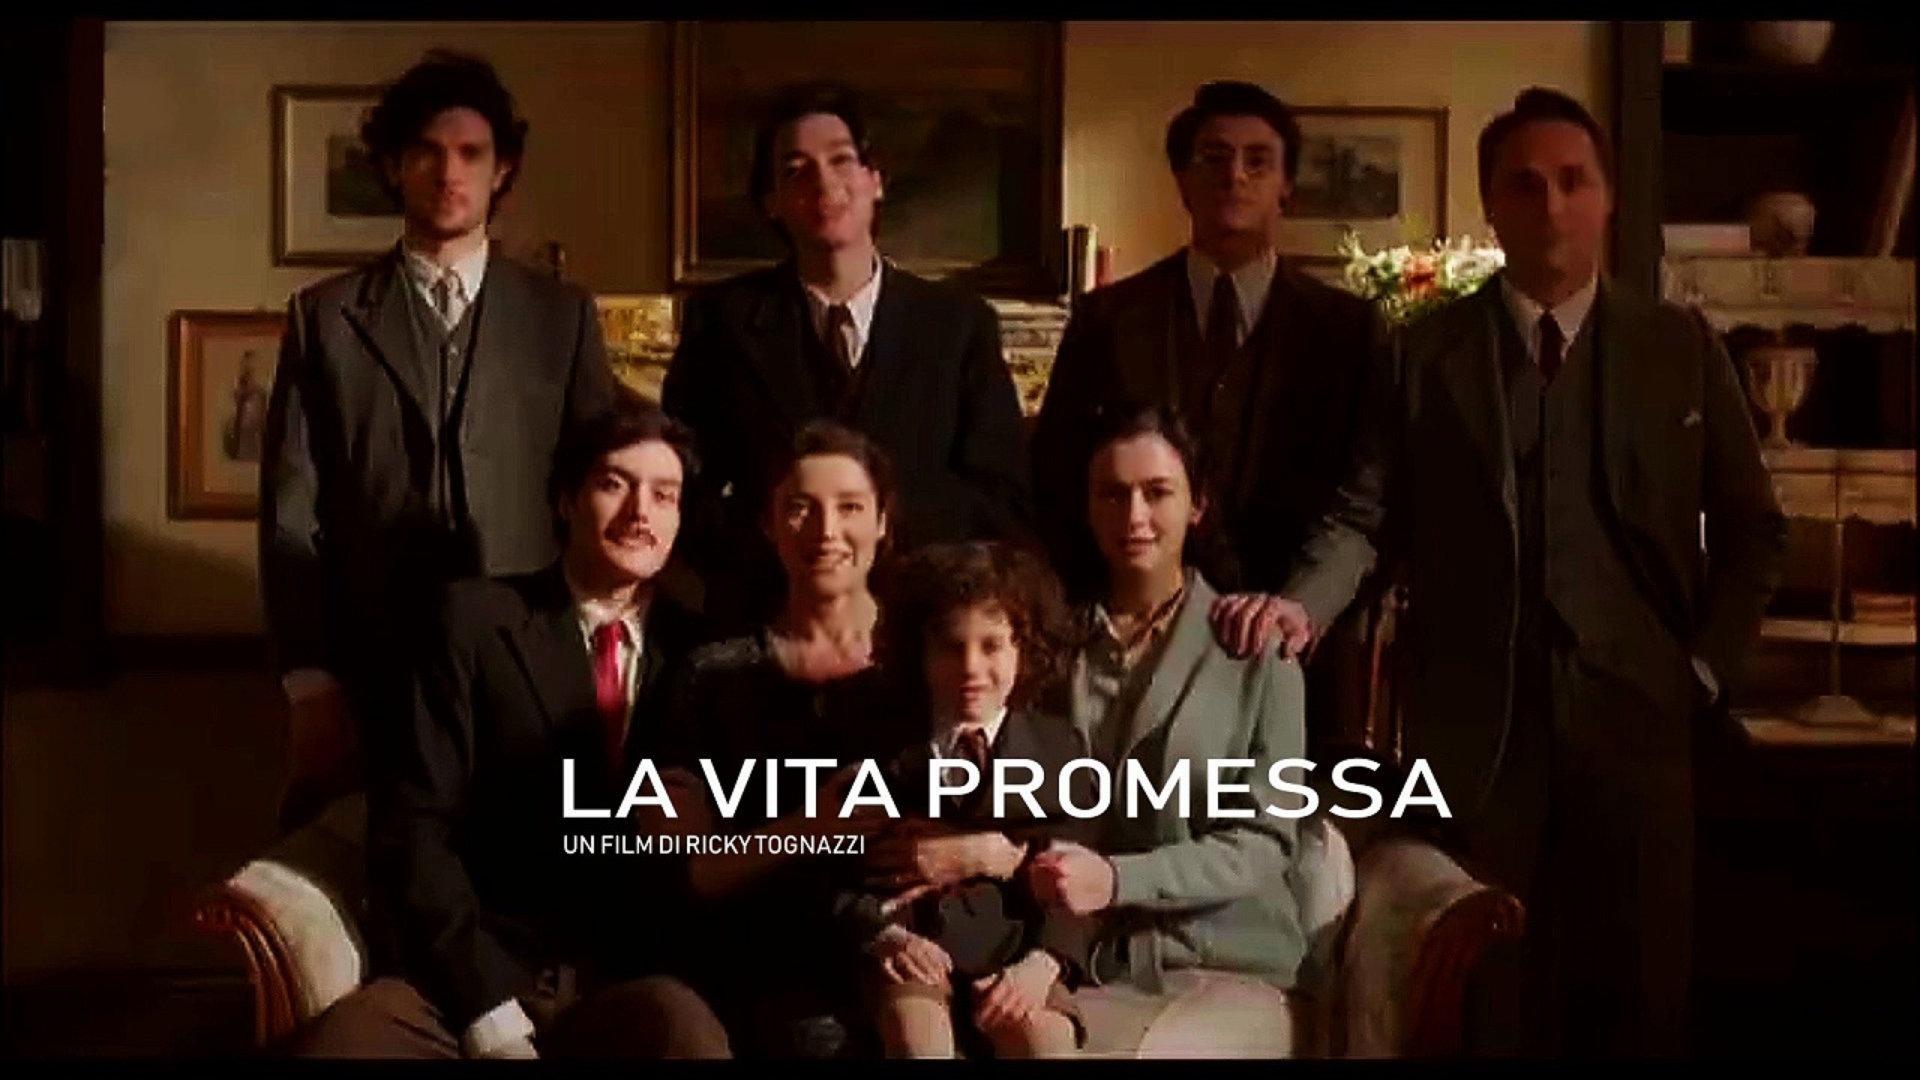 Anticipazioni La vita promessa terza puntata, Amedeo innamorato di Carmela